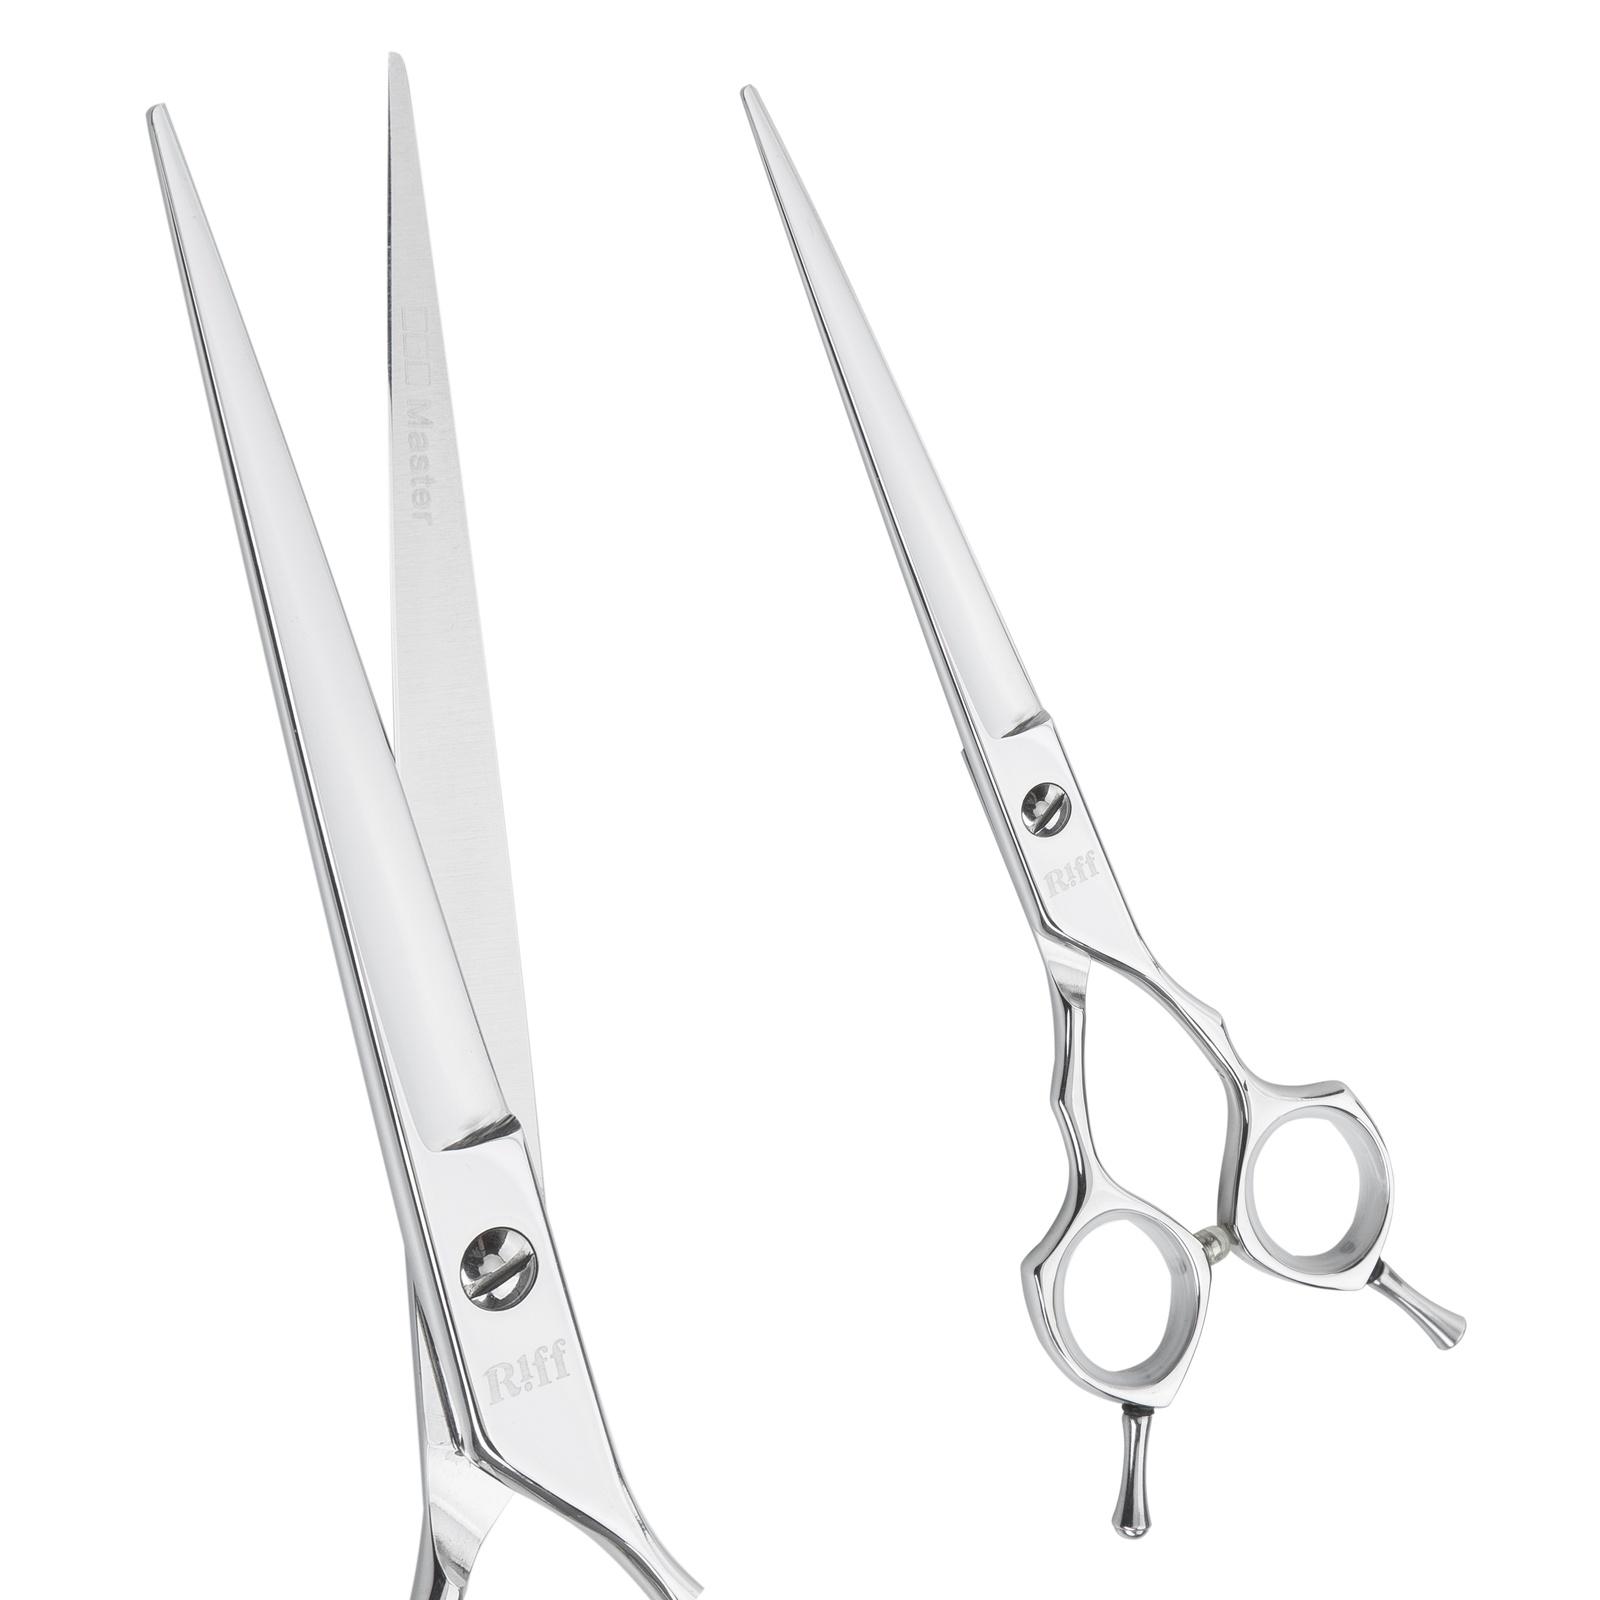 Ножницы парикмахерские RIFF Master, AM0370, 7 дюймов RIFF